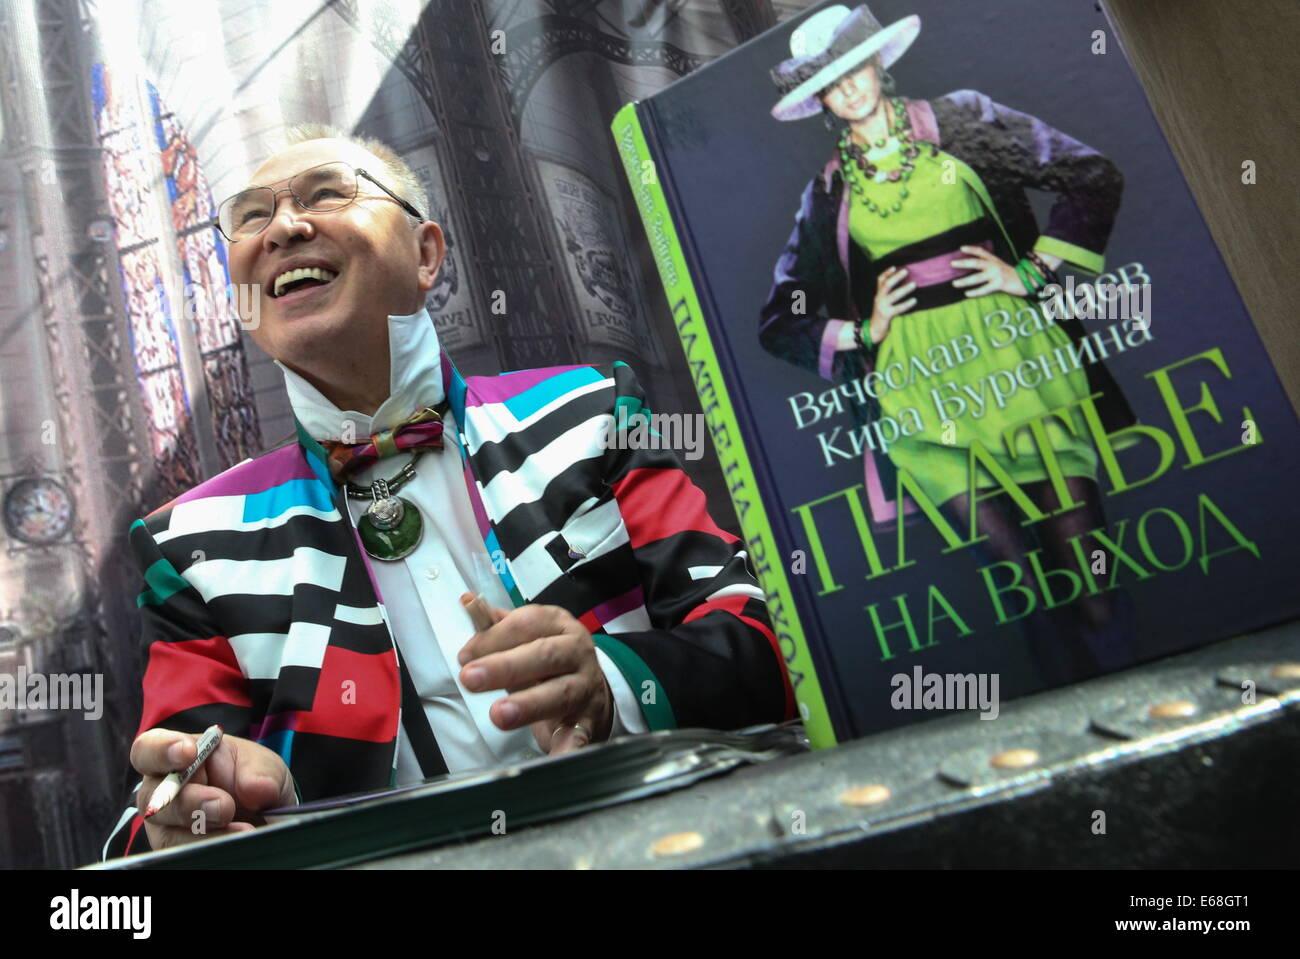 Moskau, Russland. 18. August 2014. Fashion Designer Vyacheslav Zaitsev lächelt bei einer Präsentation seines Buches Stockfoto